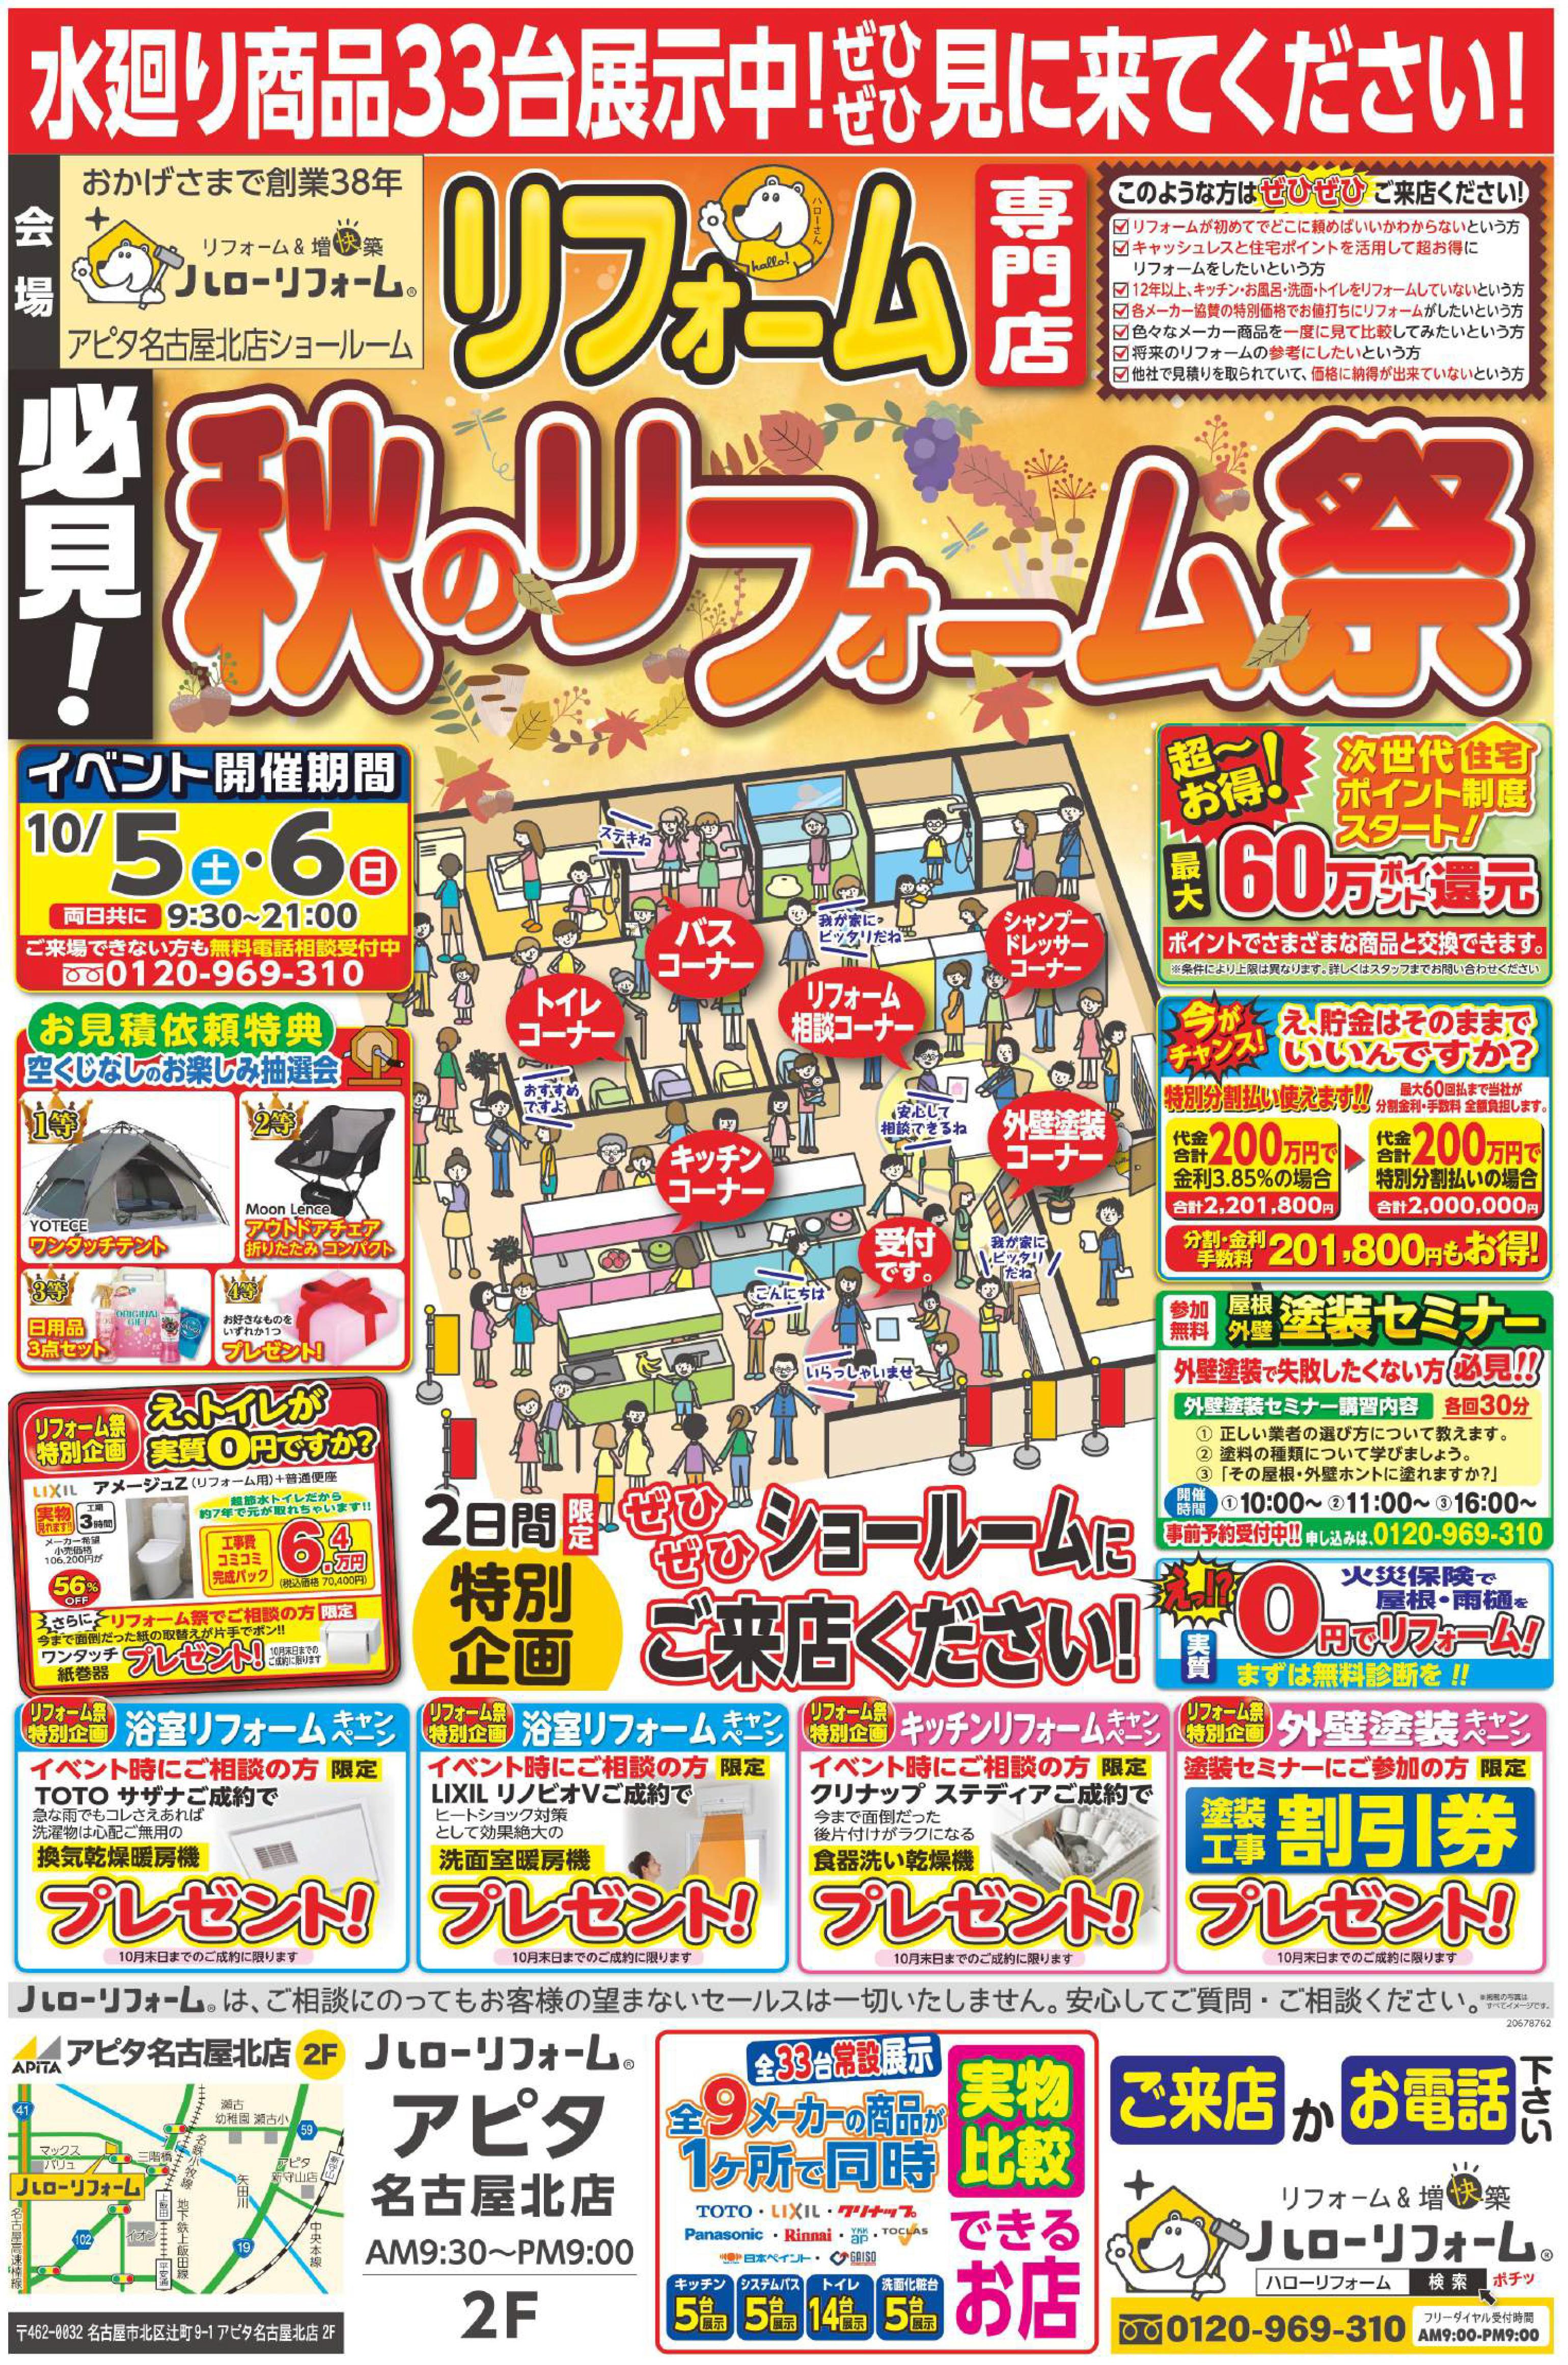 秋のリフォーム祭(アピタ名古屋北店)